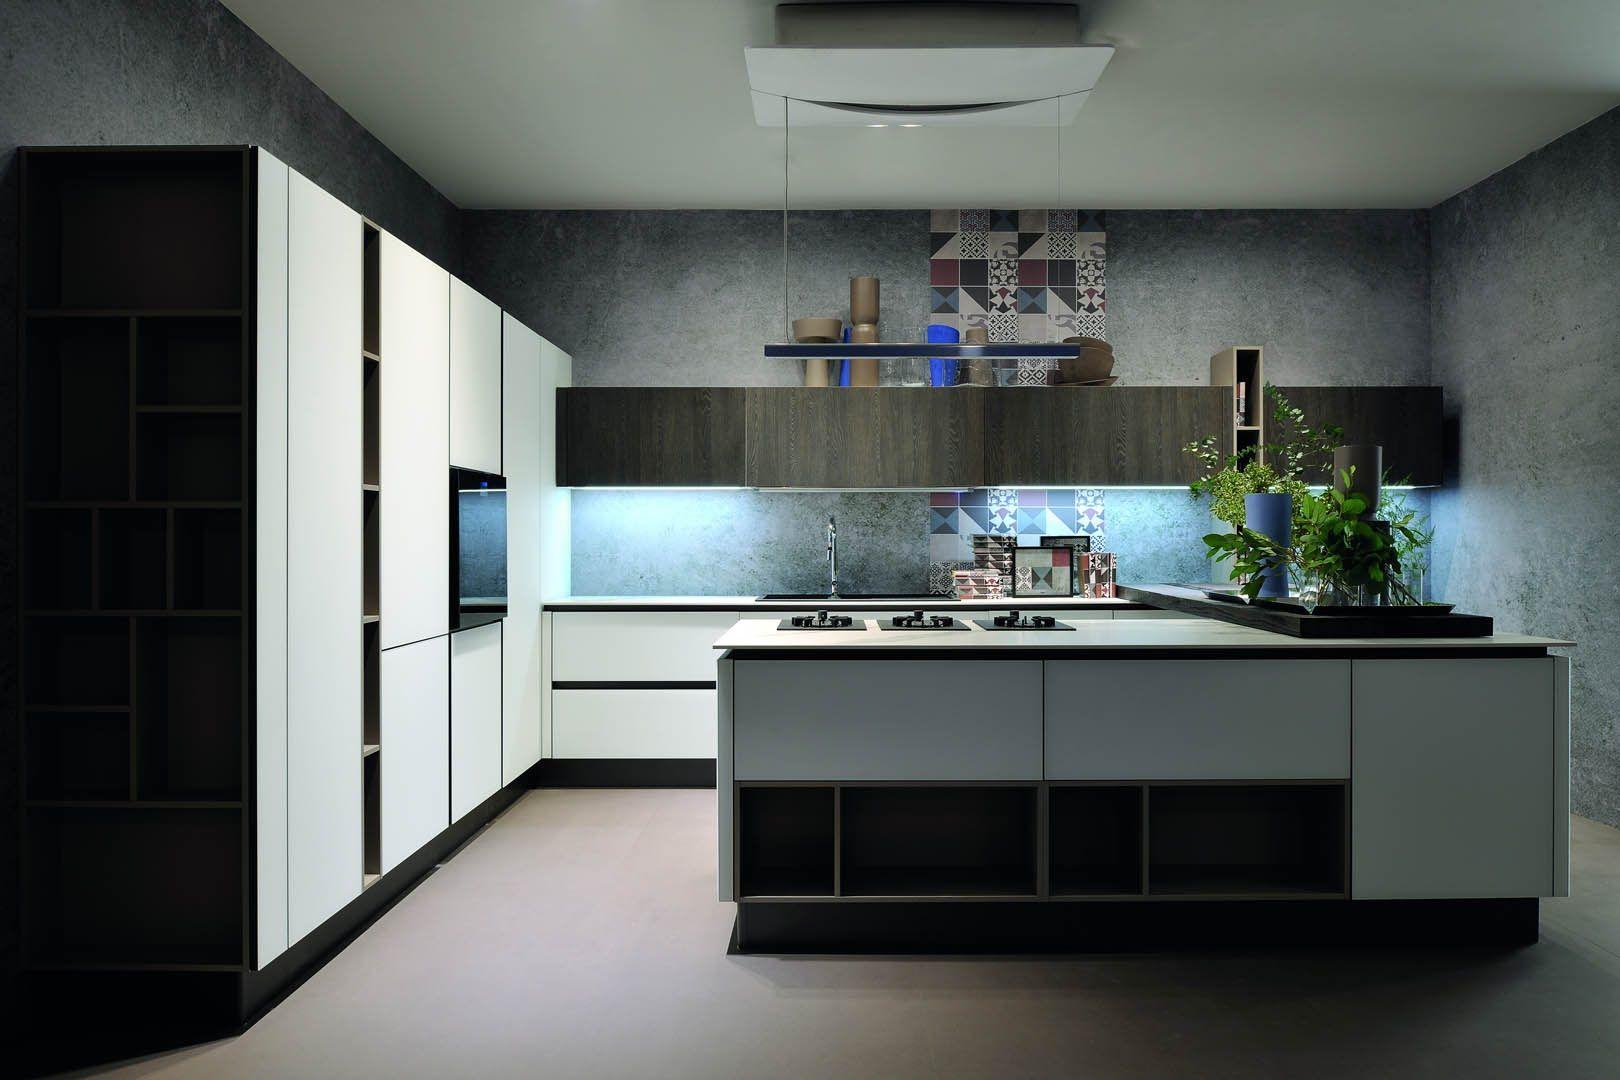 Aran Cucine. Итальянская мебель, кухни, светильники